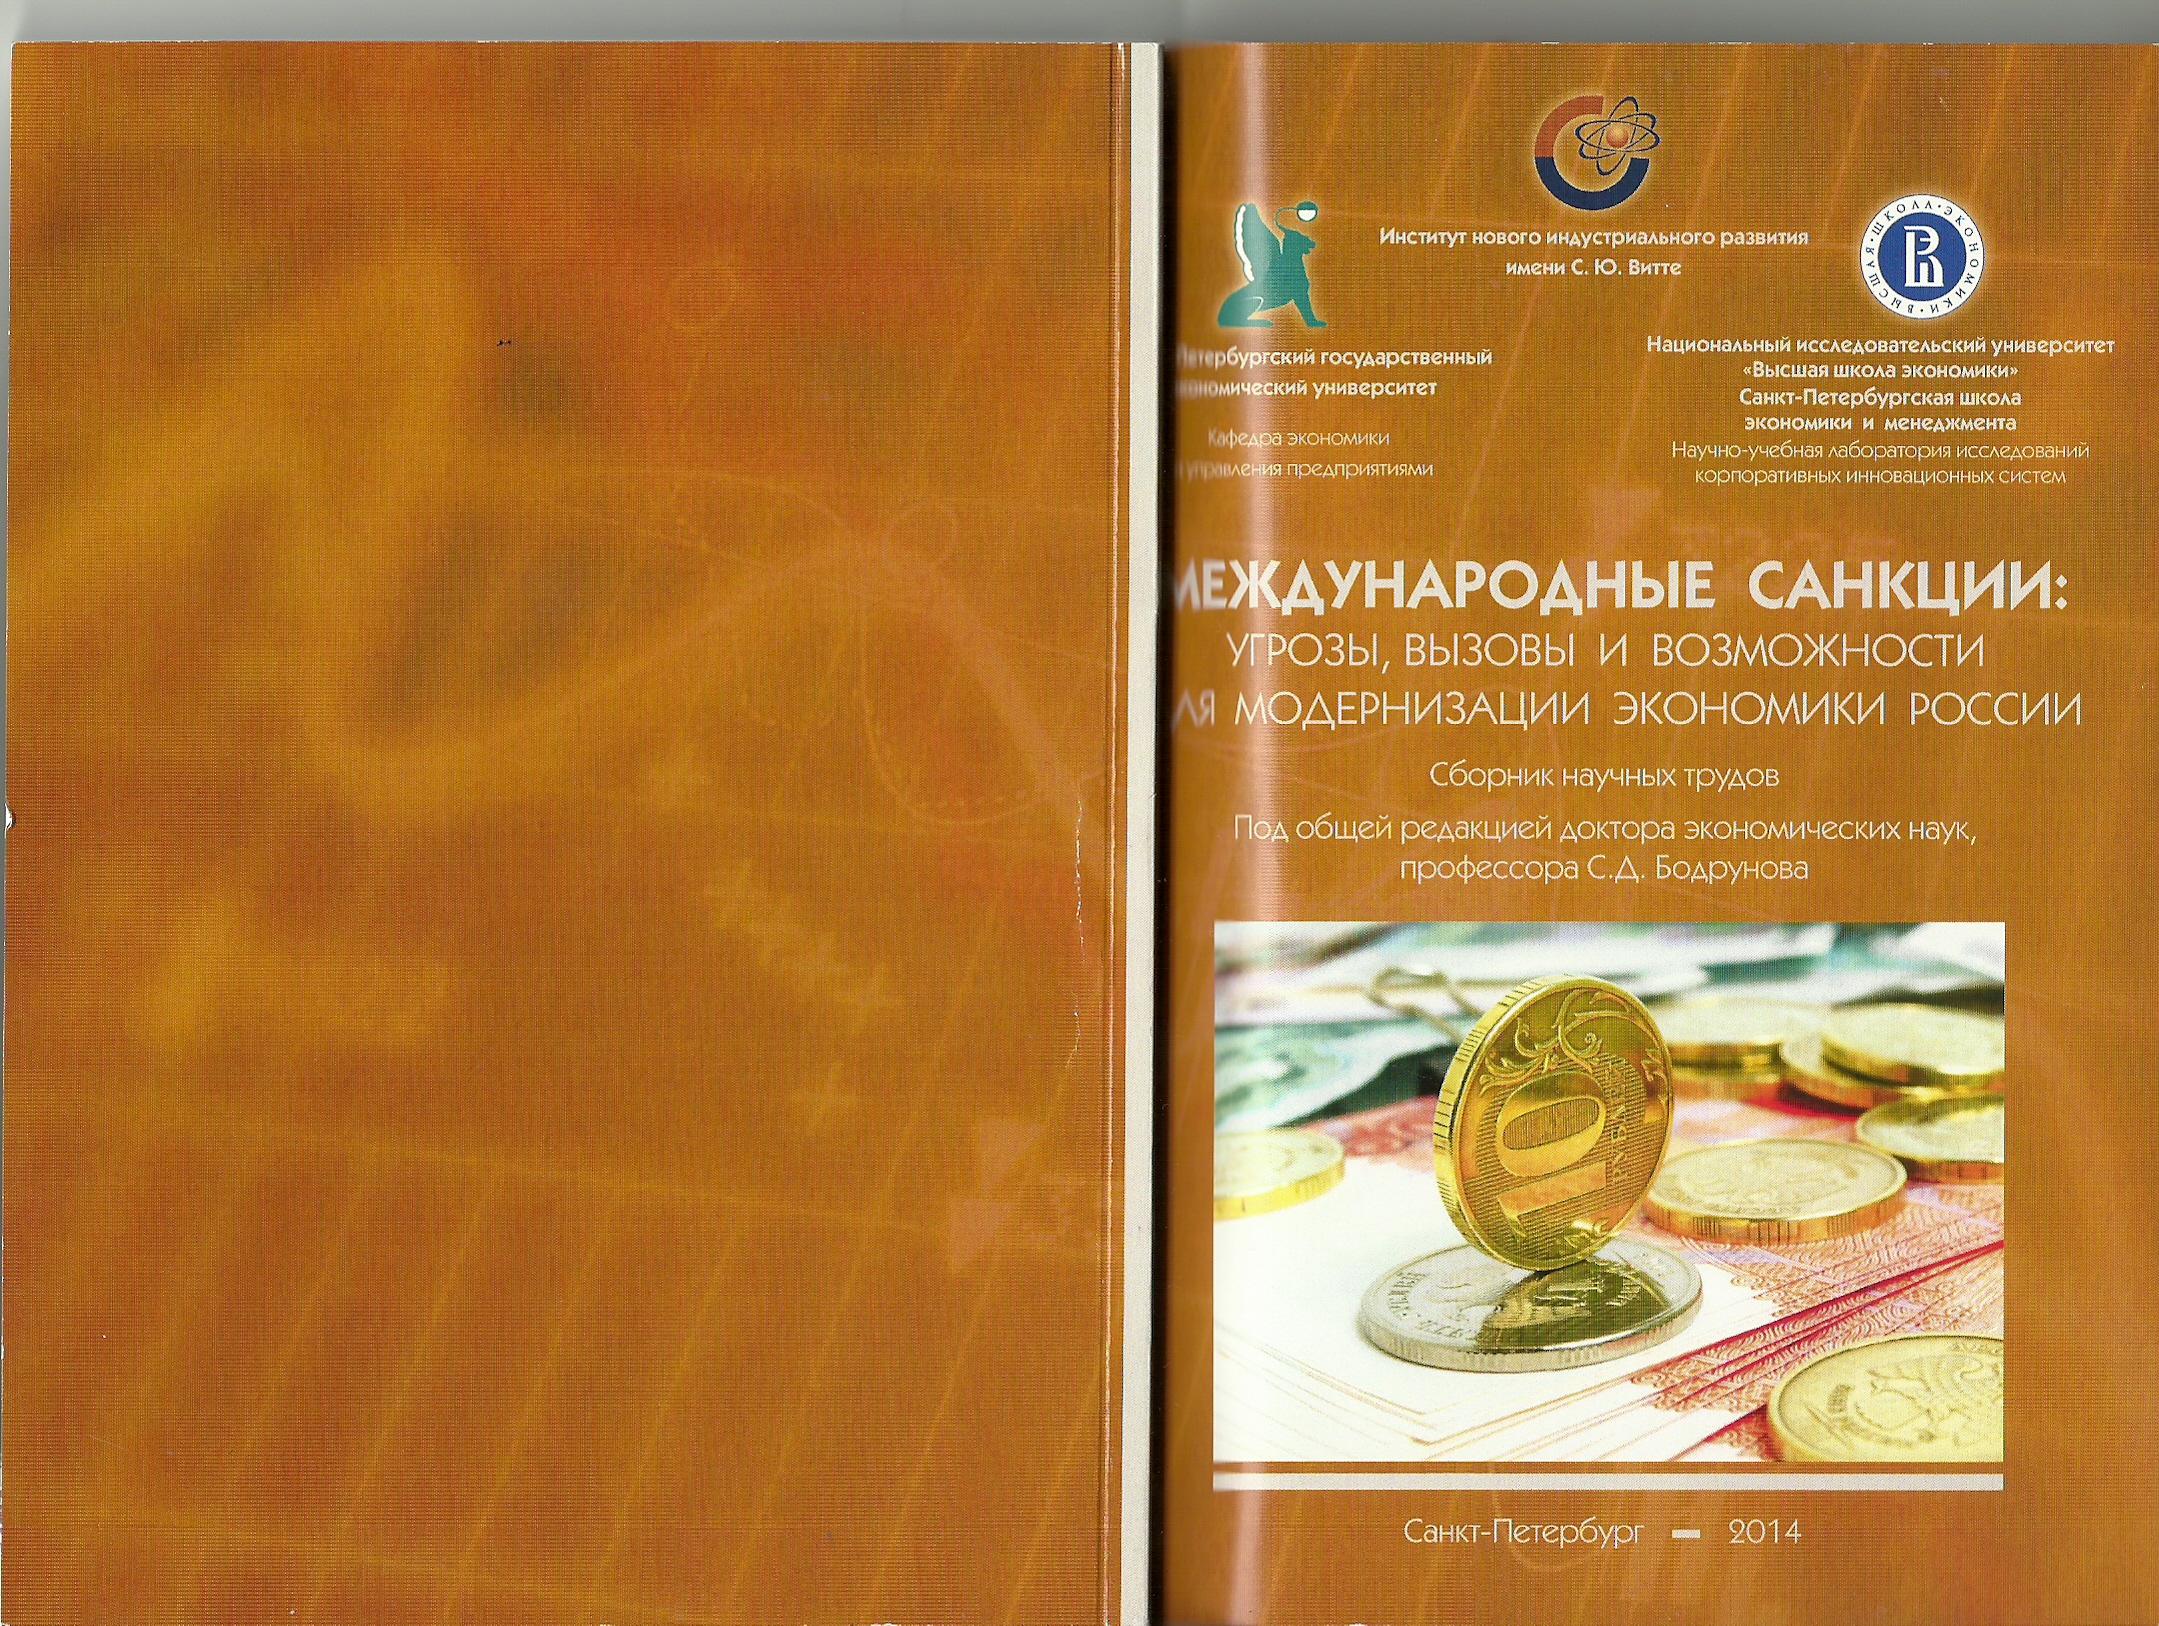 Международные санкции: угрозы, вызовы и возможности для модернизации экономики России